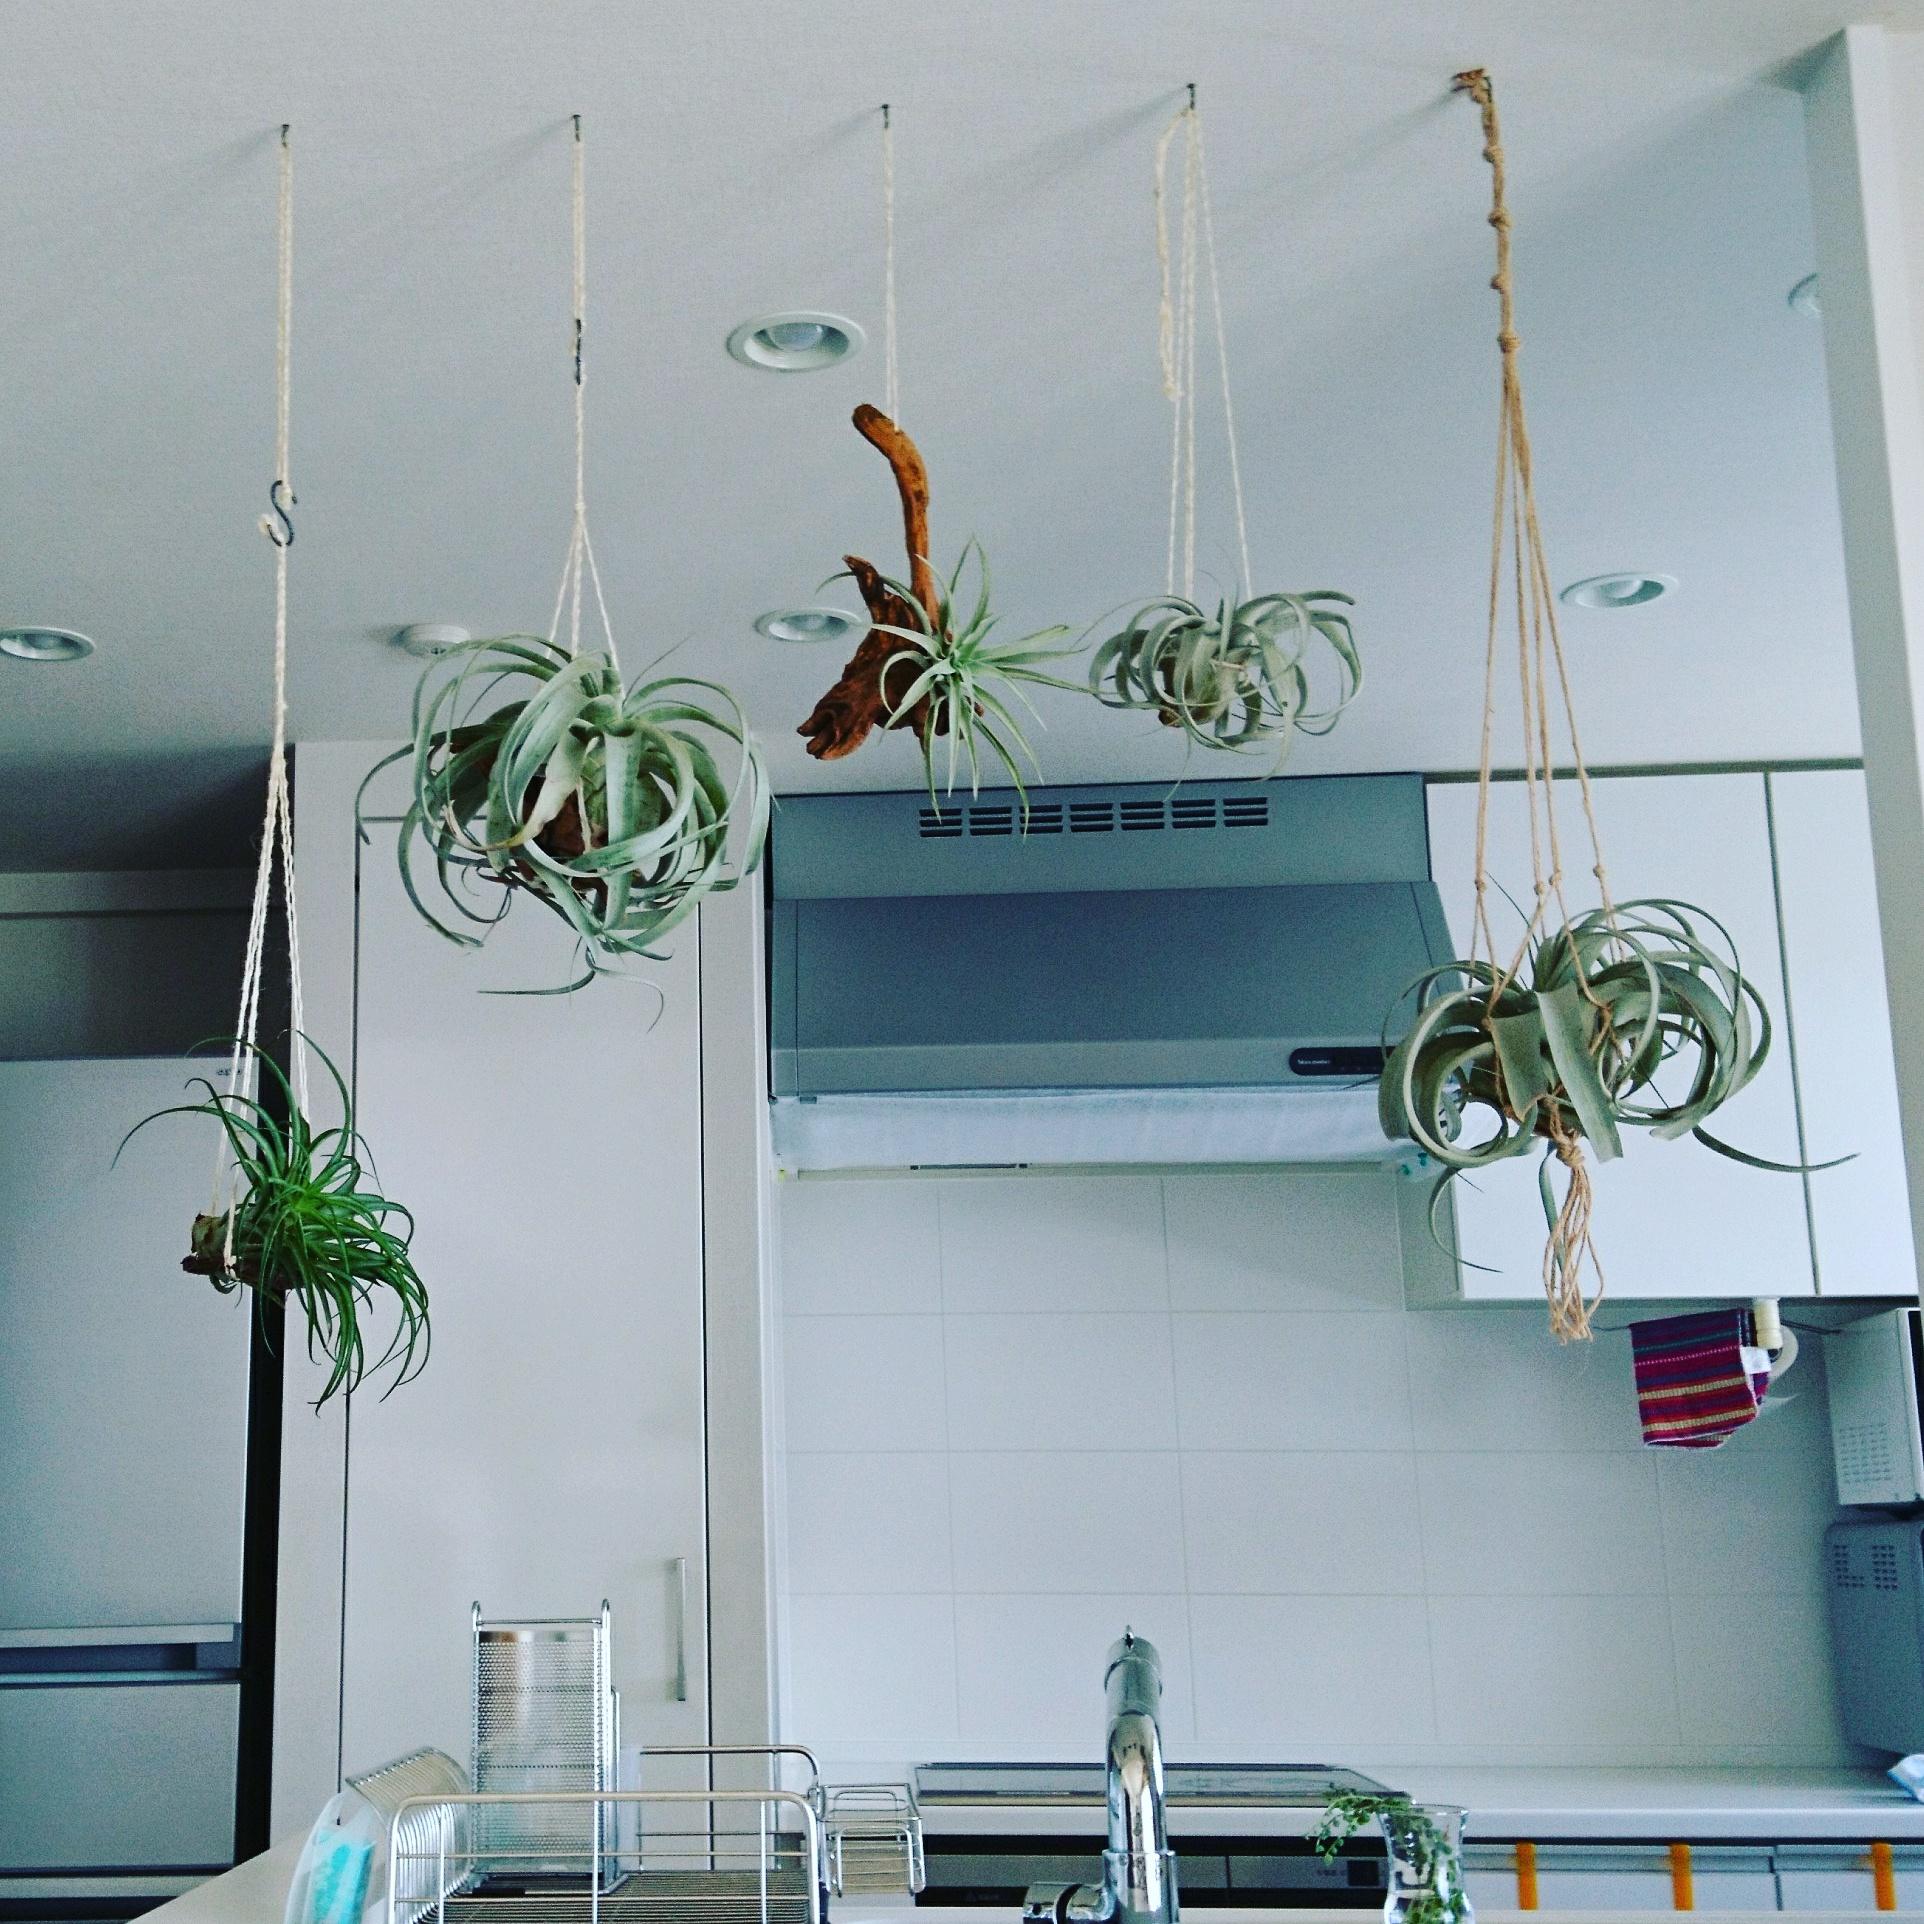 ハンギングで飾る!キッチンのグリーンコーディネート エアプランツ(ティランジア)がぶら下がっている姿は、見ていても楽しい気分に。 @tamurafumieさん提供